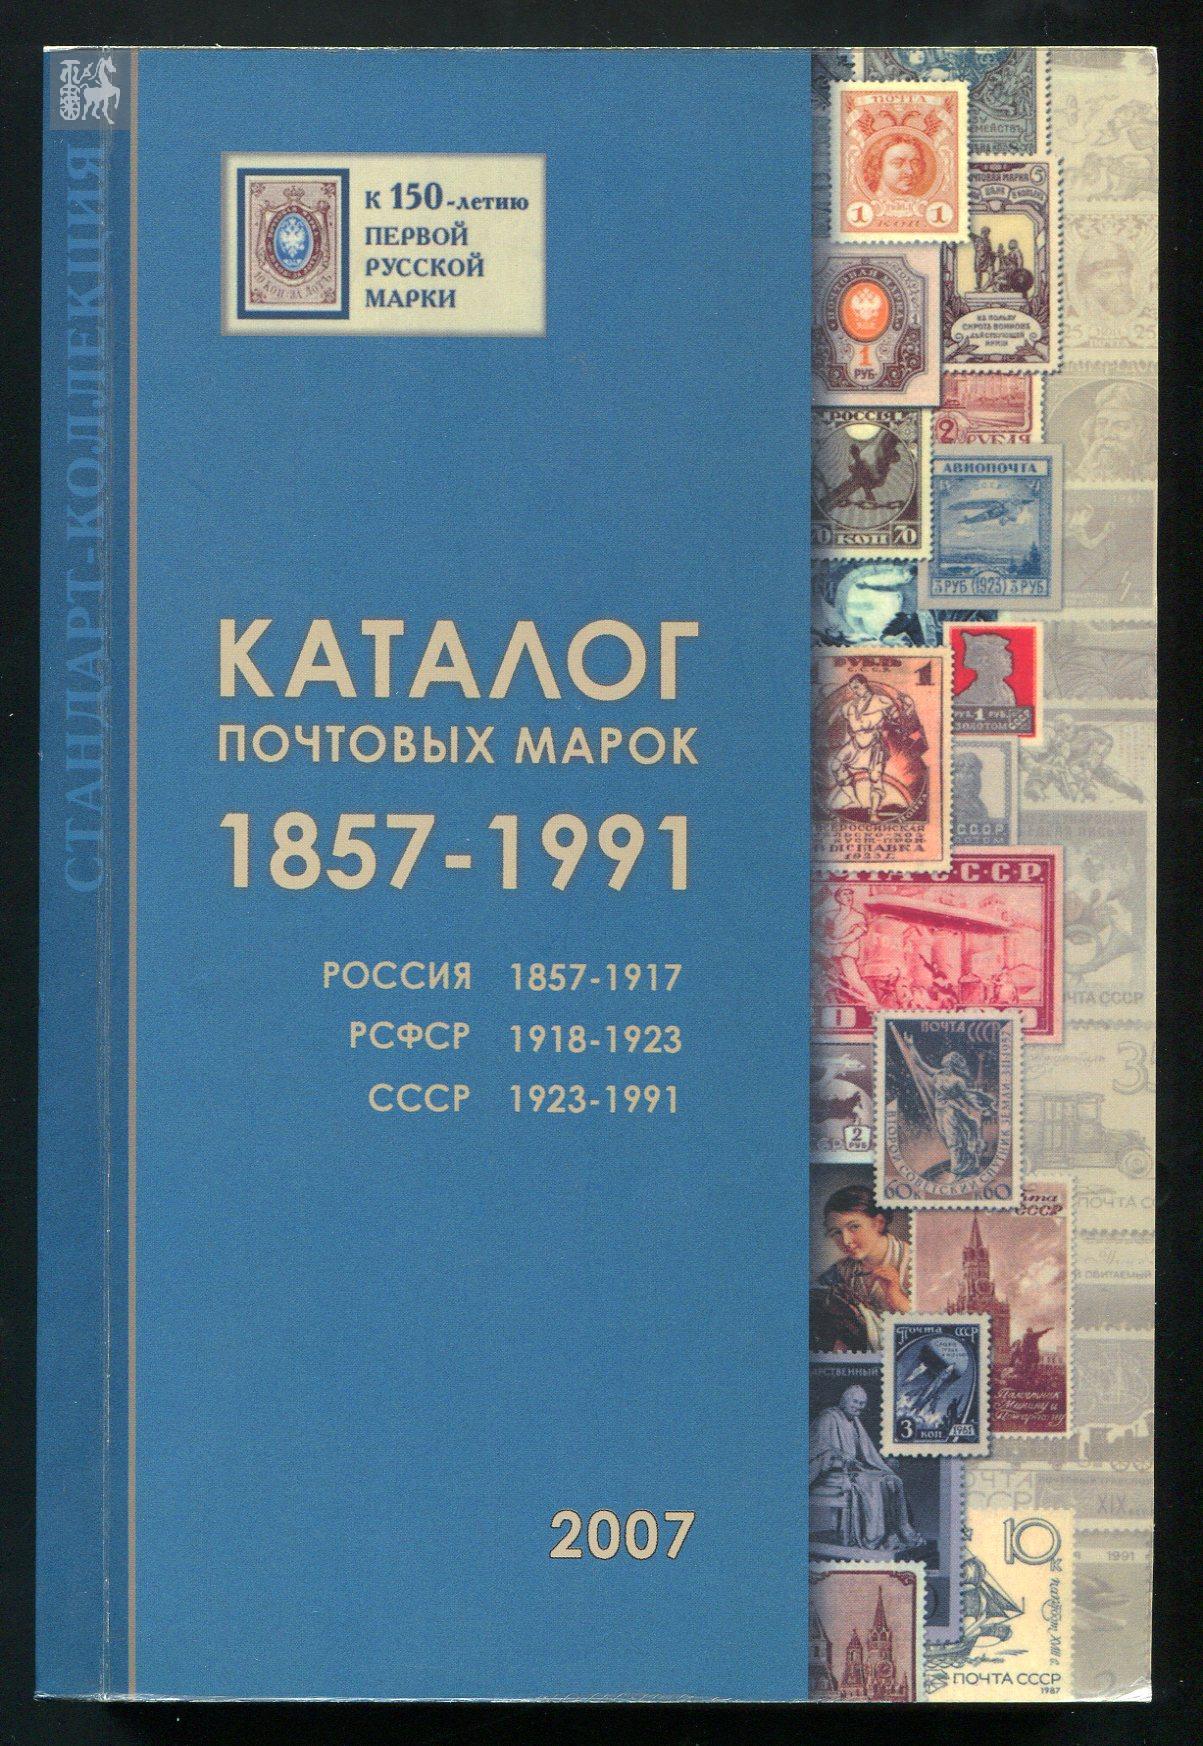 收集外国邮票需要好好读读三种书图片